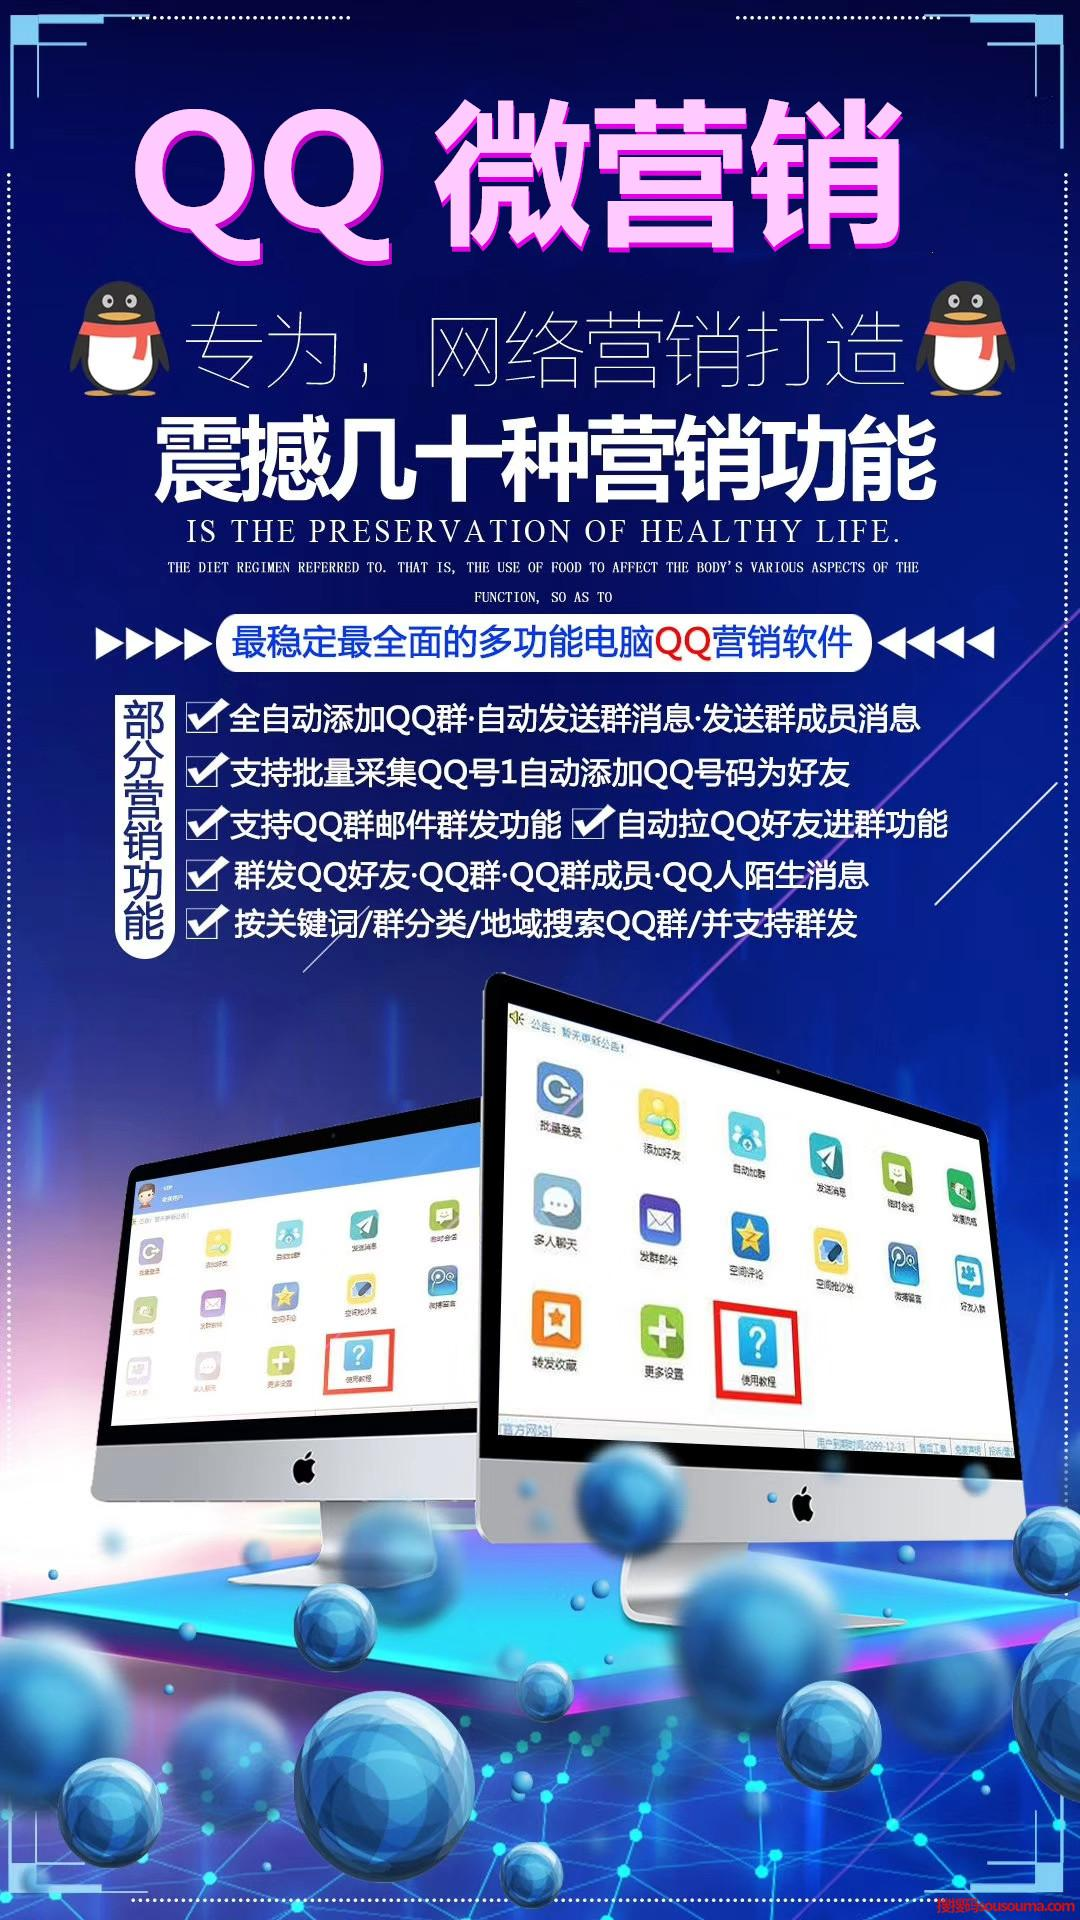 【QQ微营销】全自动添加QQ群自动群发关键词采集QQ号支持邮件群发 几十种QQ营销功能震撼登场